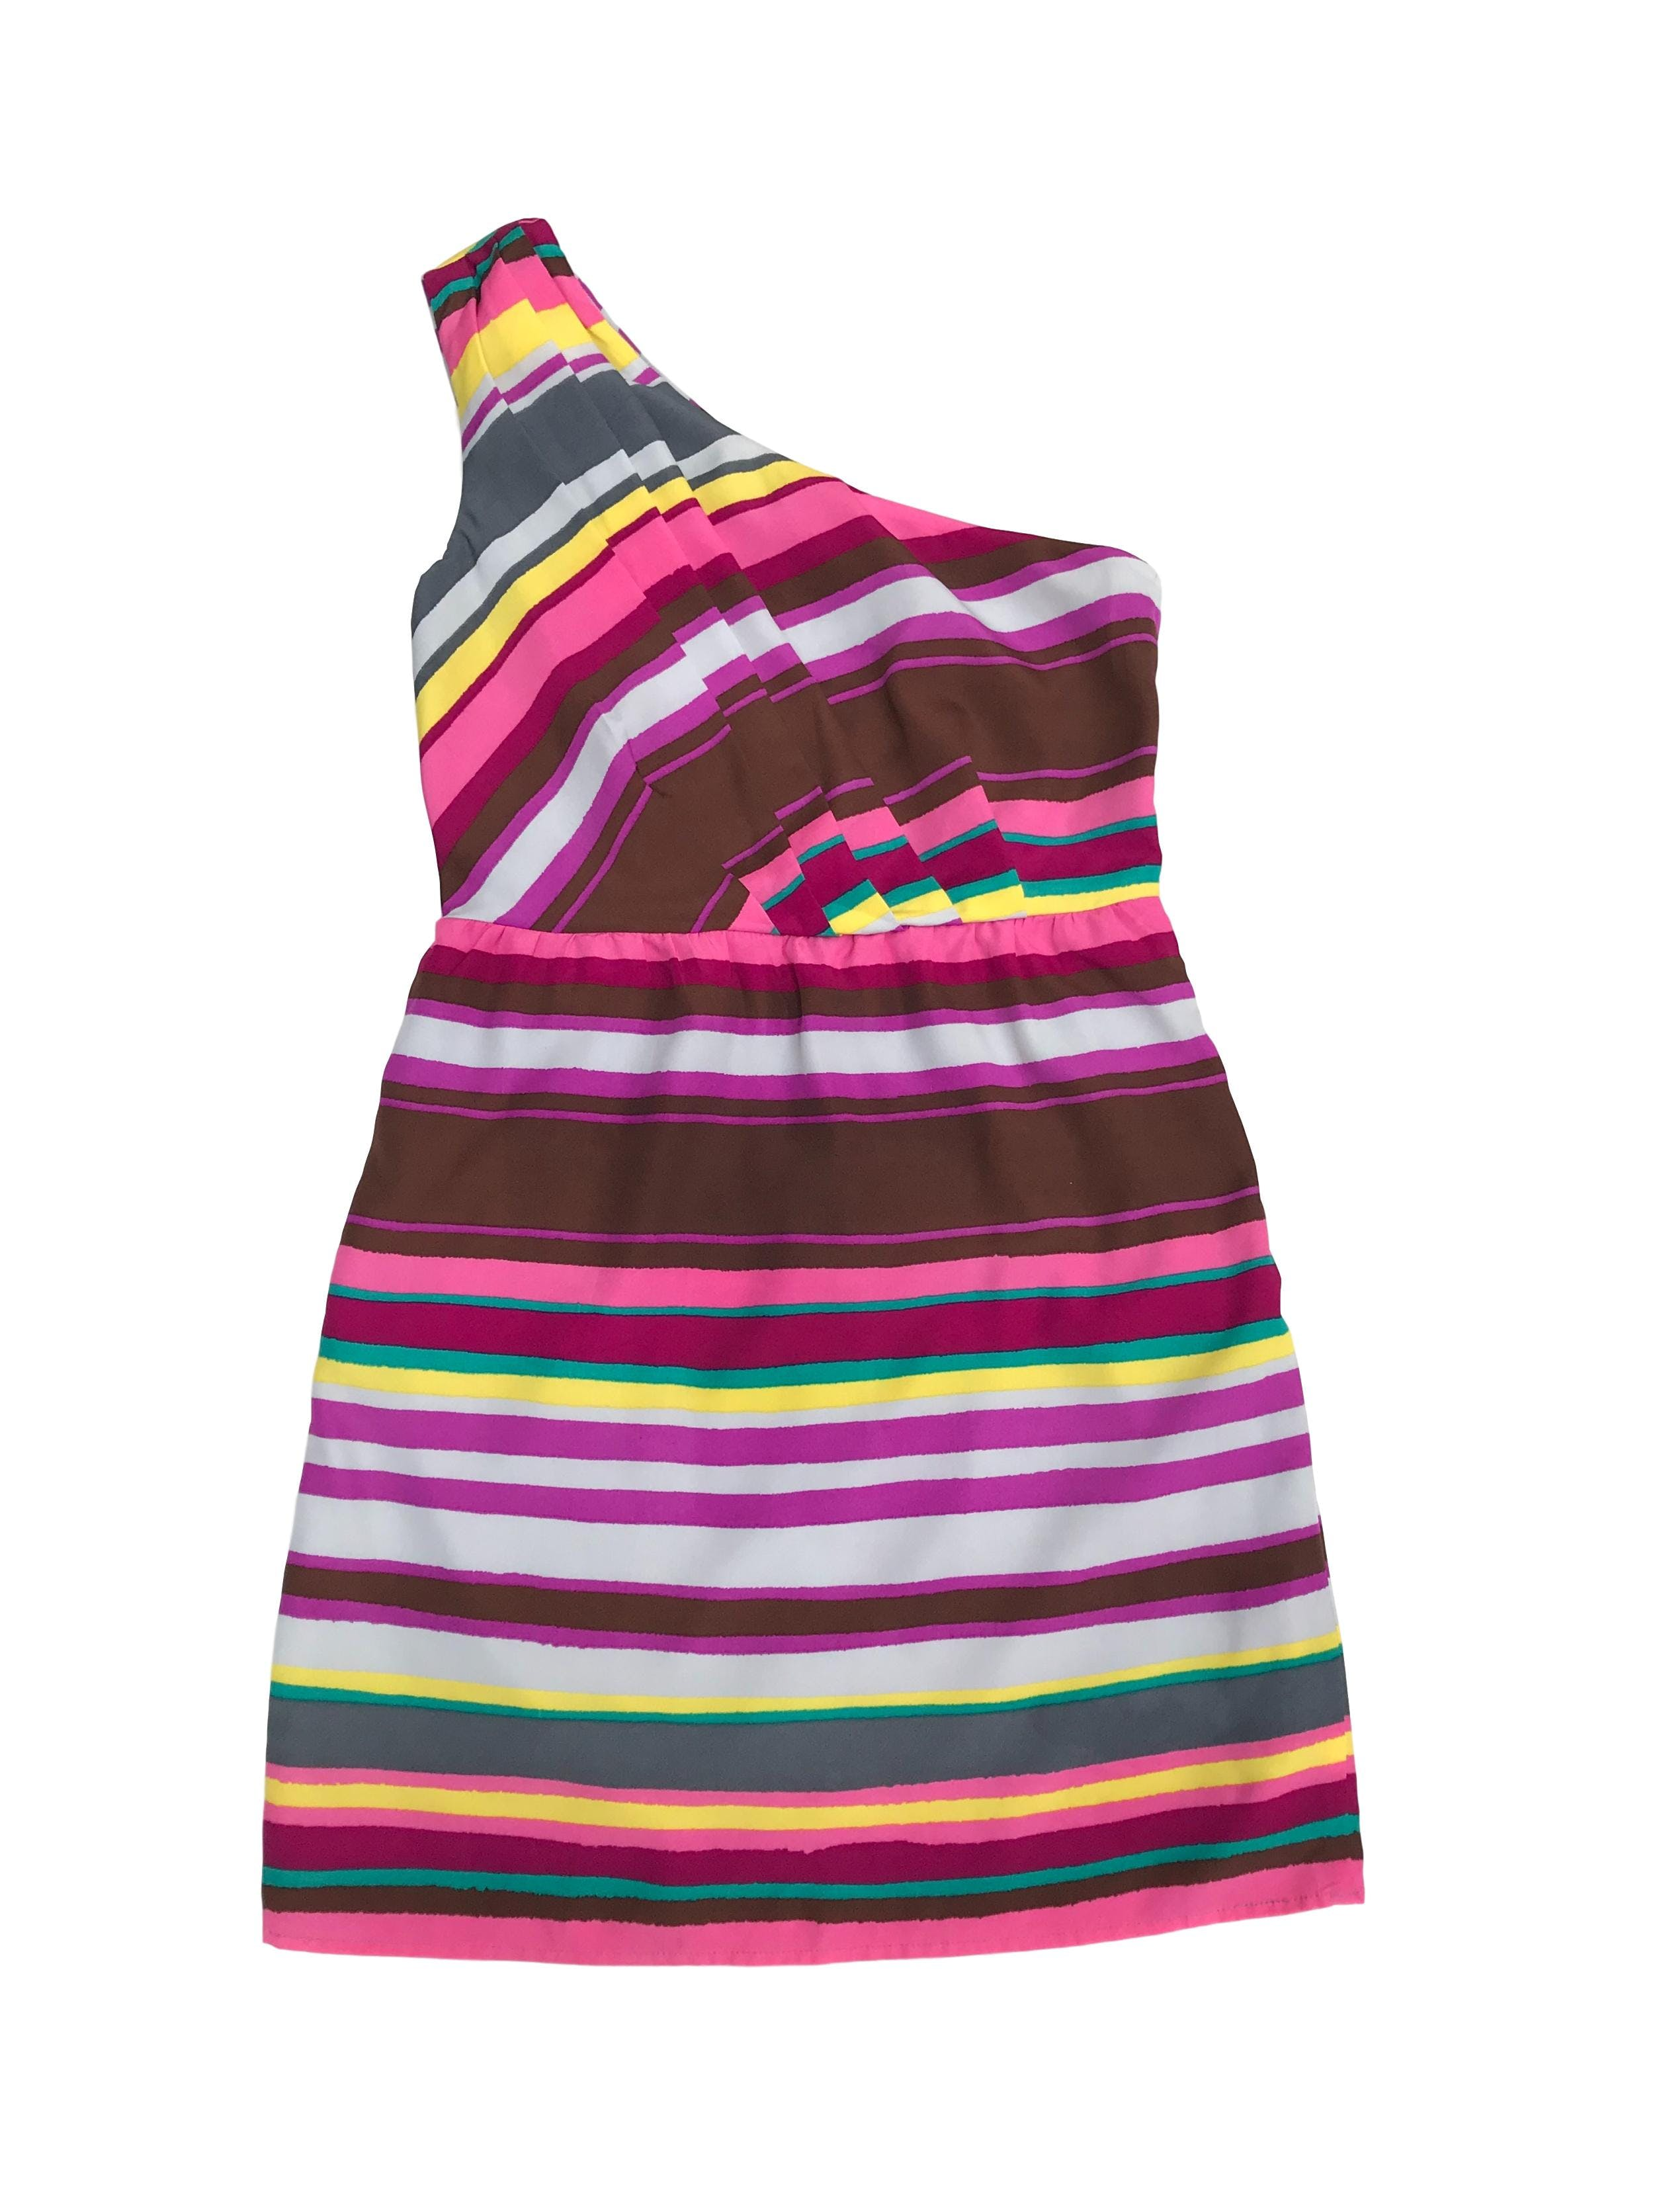 Vestido Lily Rose one shoulder con pliegues y cierre lateral, forrado, corte a la cintura (72cm). Largo 83cm